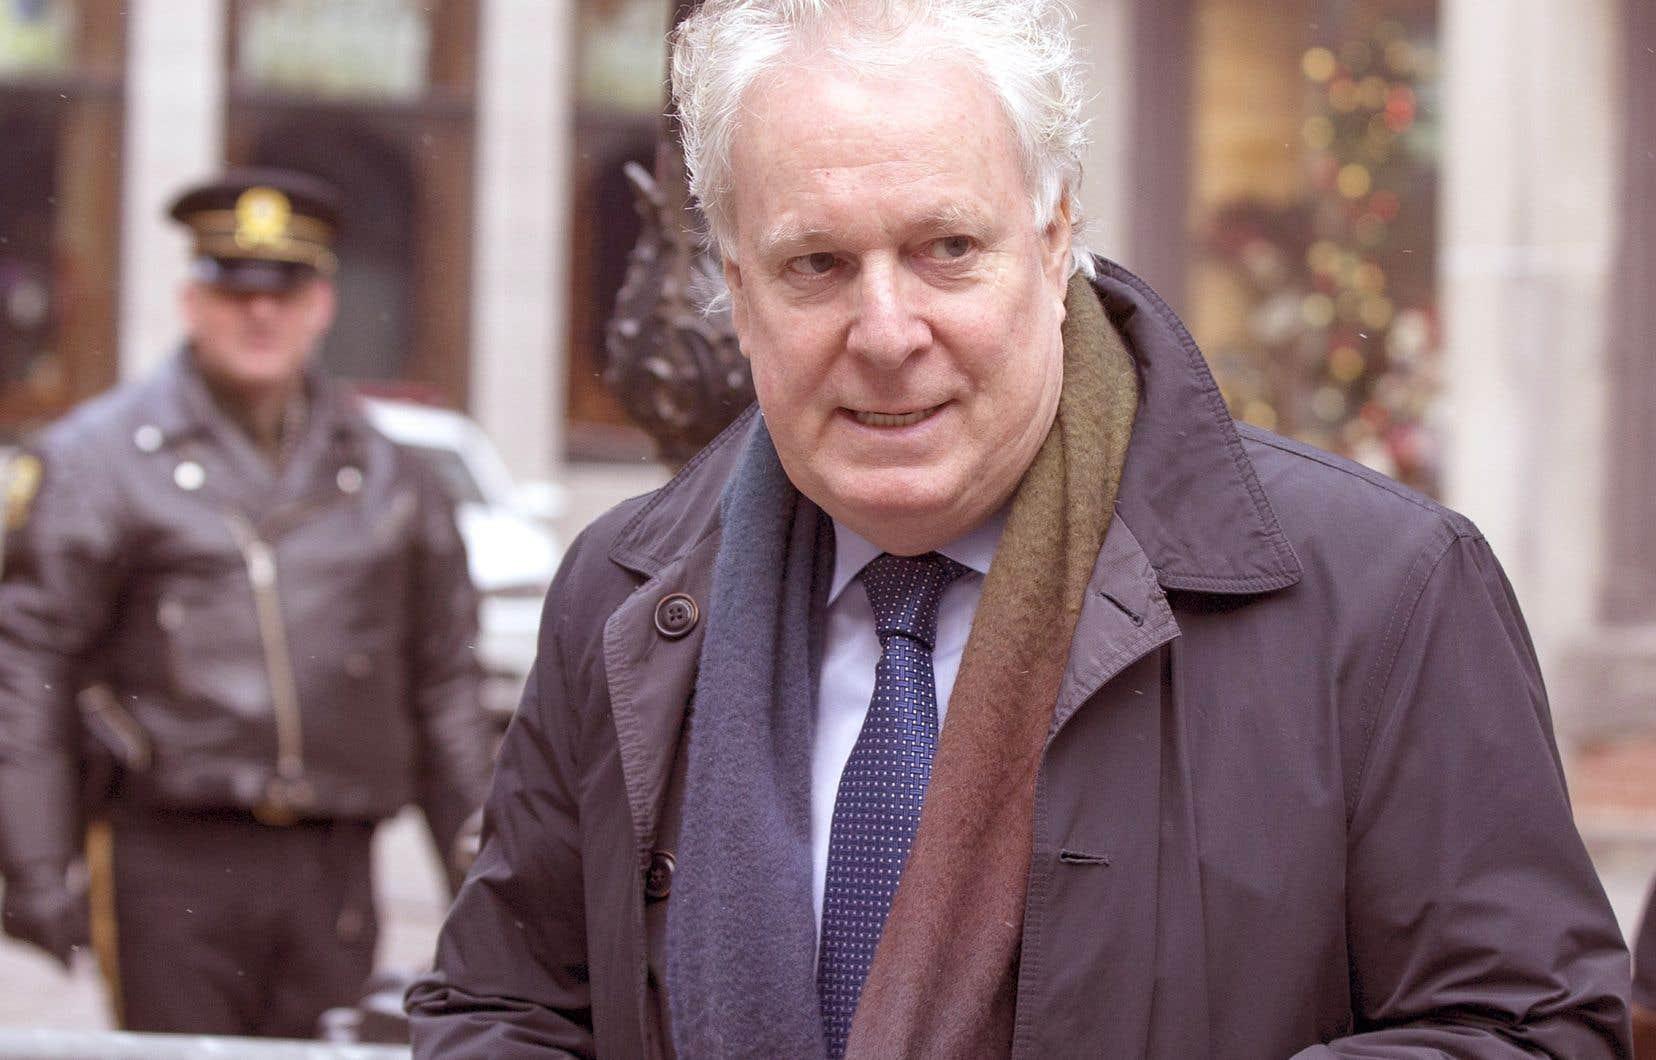 L'enquête Mâchurer colle à la peau de l'ancien premier ministre Jean Charest, lui qui songe à un retour en politique active et qui pourrait donc entrer dans la course à la direction du Parti conservateur du Canada.